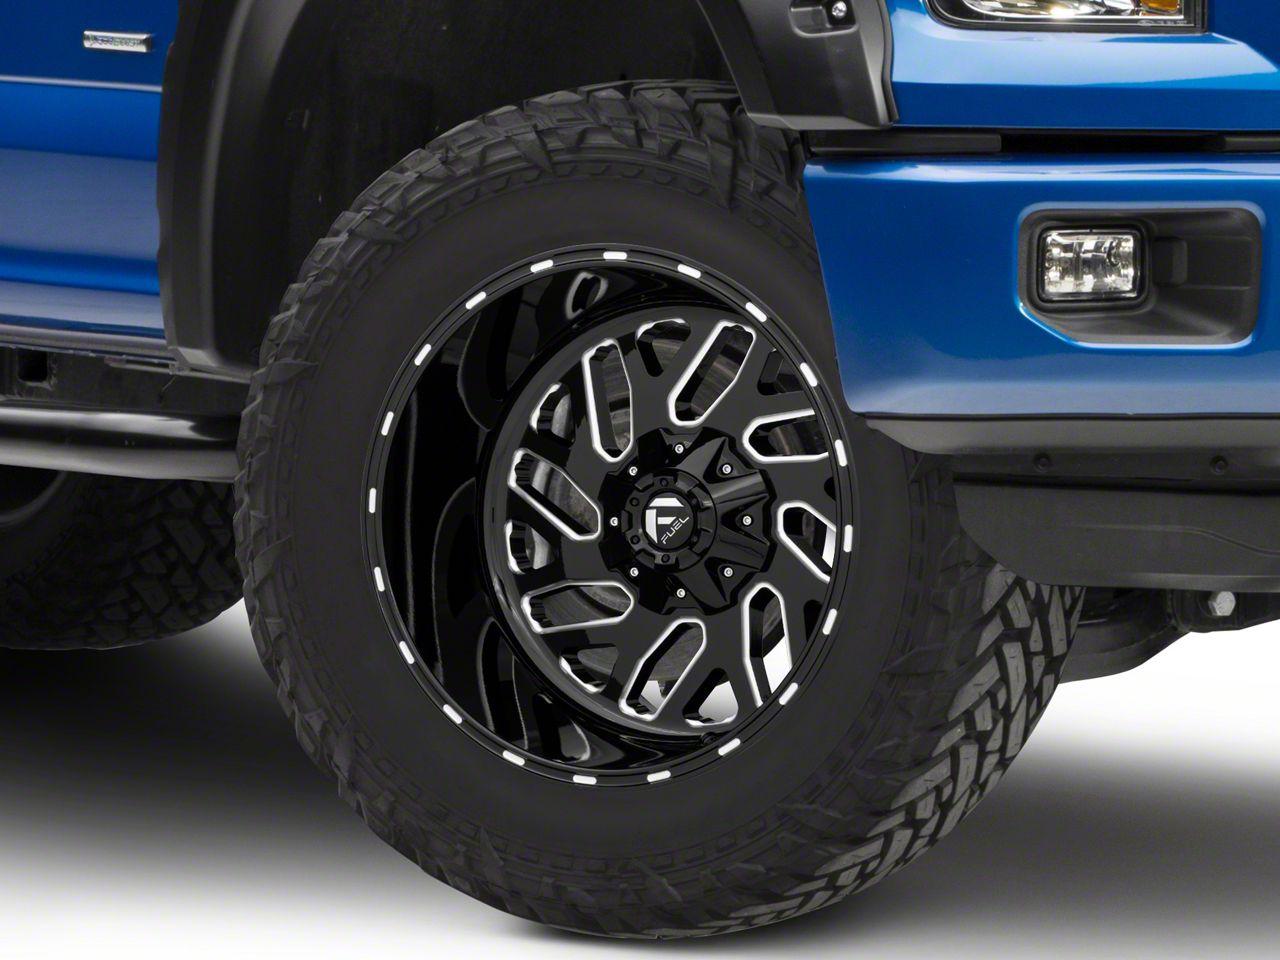 Fuel Wheels Turbo Gloss Black Milled 6-Lug Wheel - 20x12 (04-19 F-150)